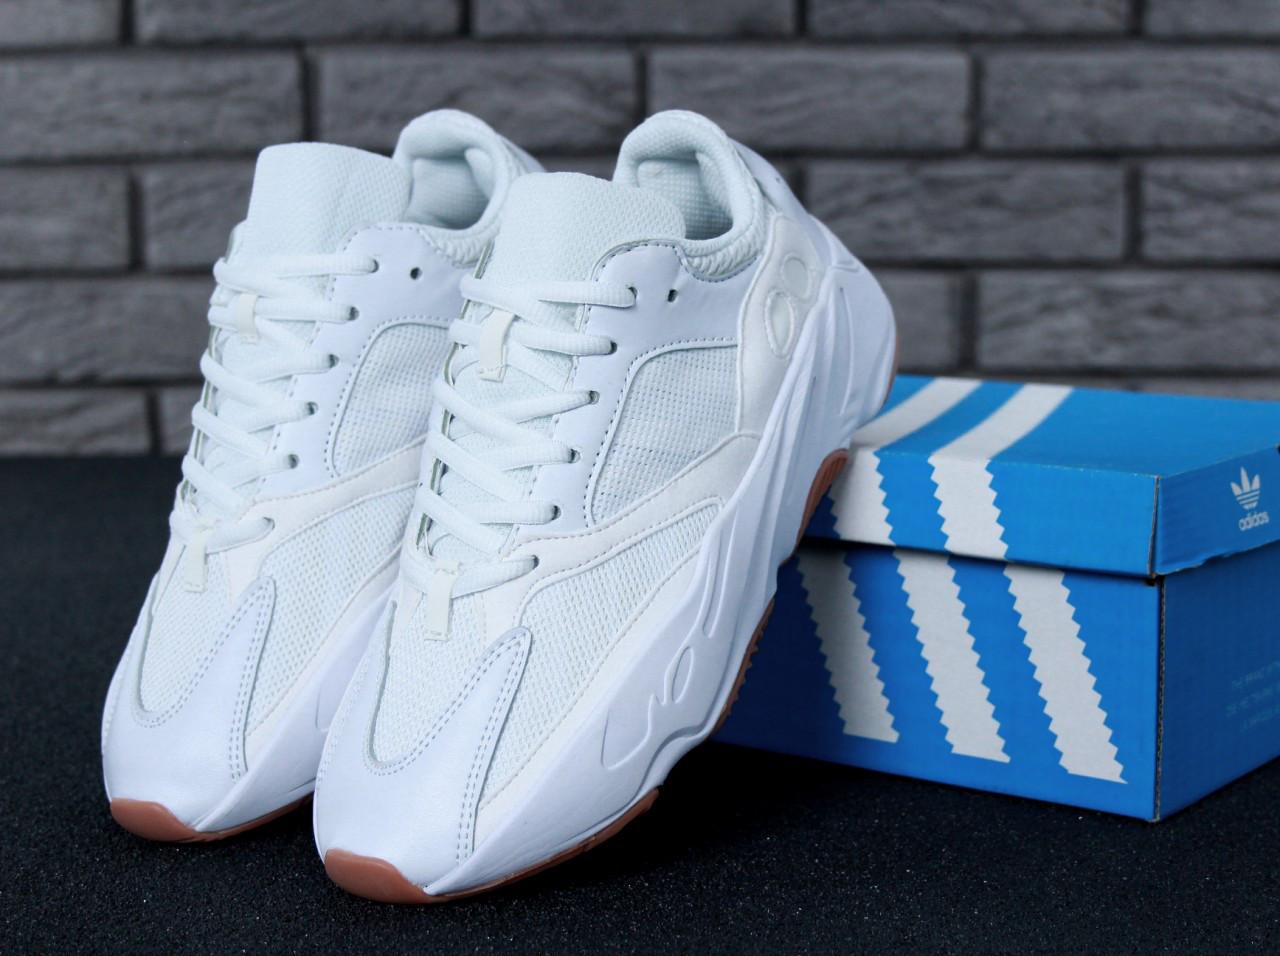 Мужские кроссовки AD Yeezy Boost 700 White, А-д изи буст . ТОП Реплика ААА класса.